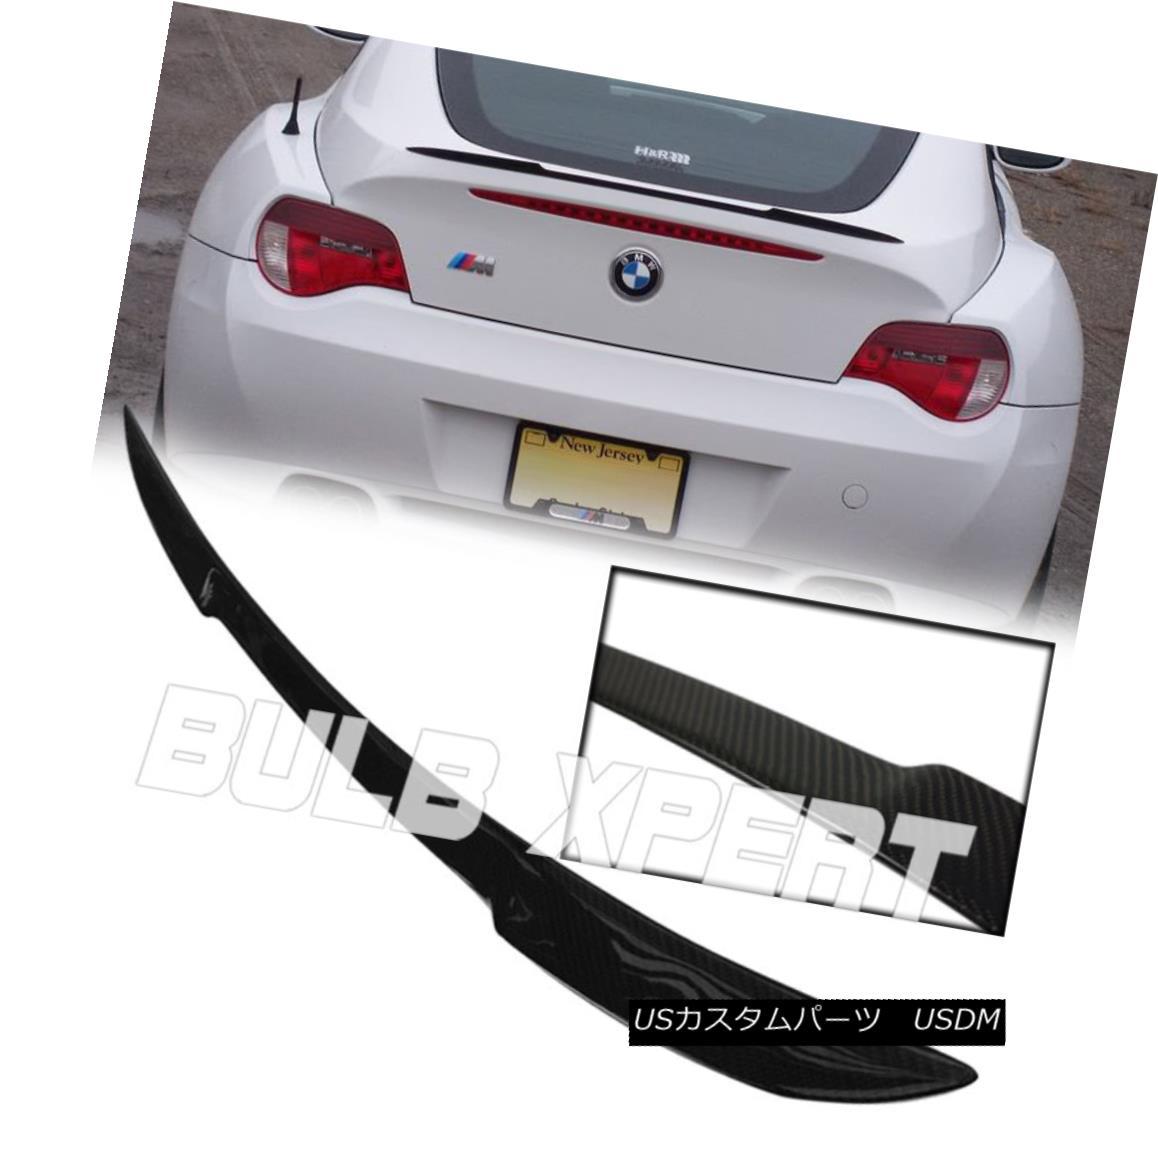 エアロパーツ FLUSH FIT REAL DRY CARBON FIBER TRUNK LID SPOILER WING FOR BMW Z4 COUPE Z4M E86 フラットフィットリアルドライカーボンファイバートランクリッドスポイラーウイングfor BMW Z4 COUPE Z4M E86